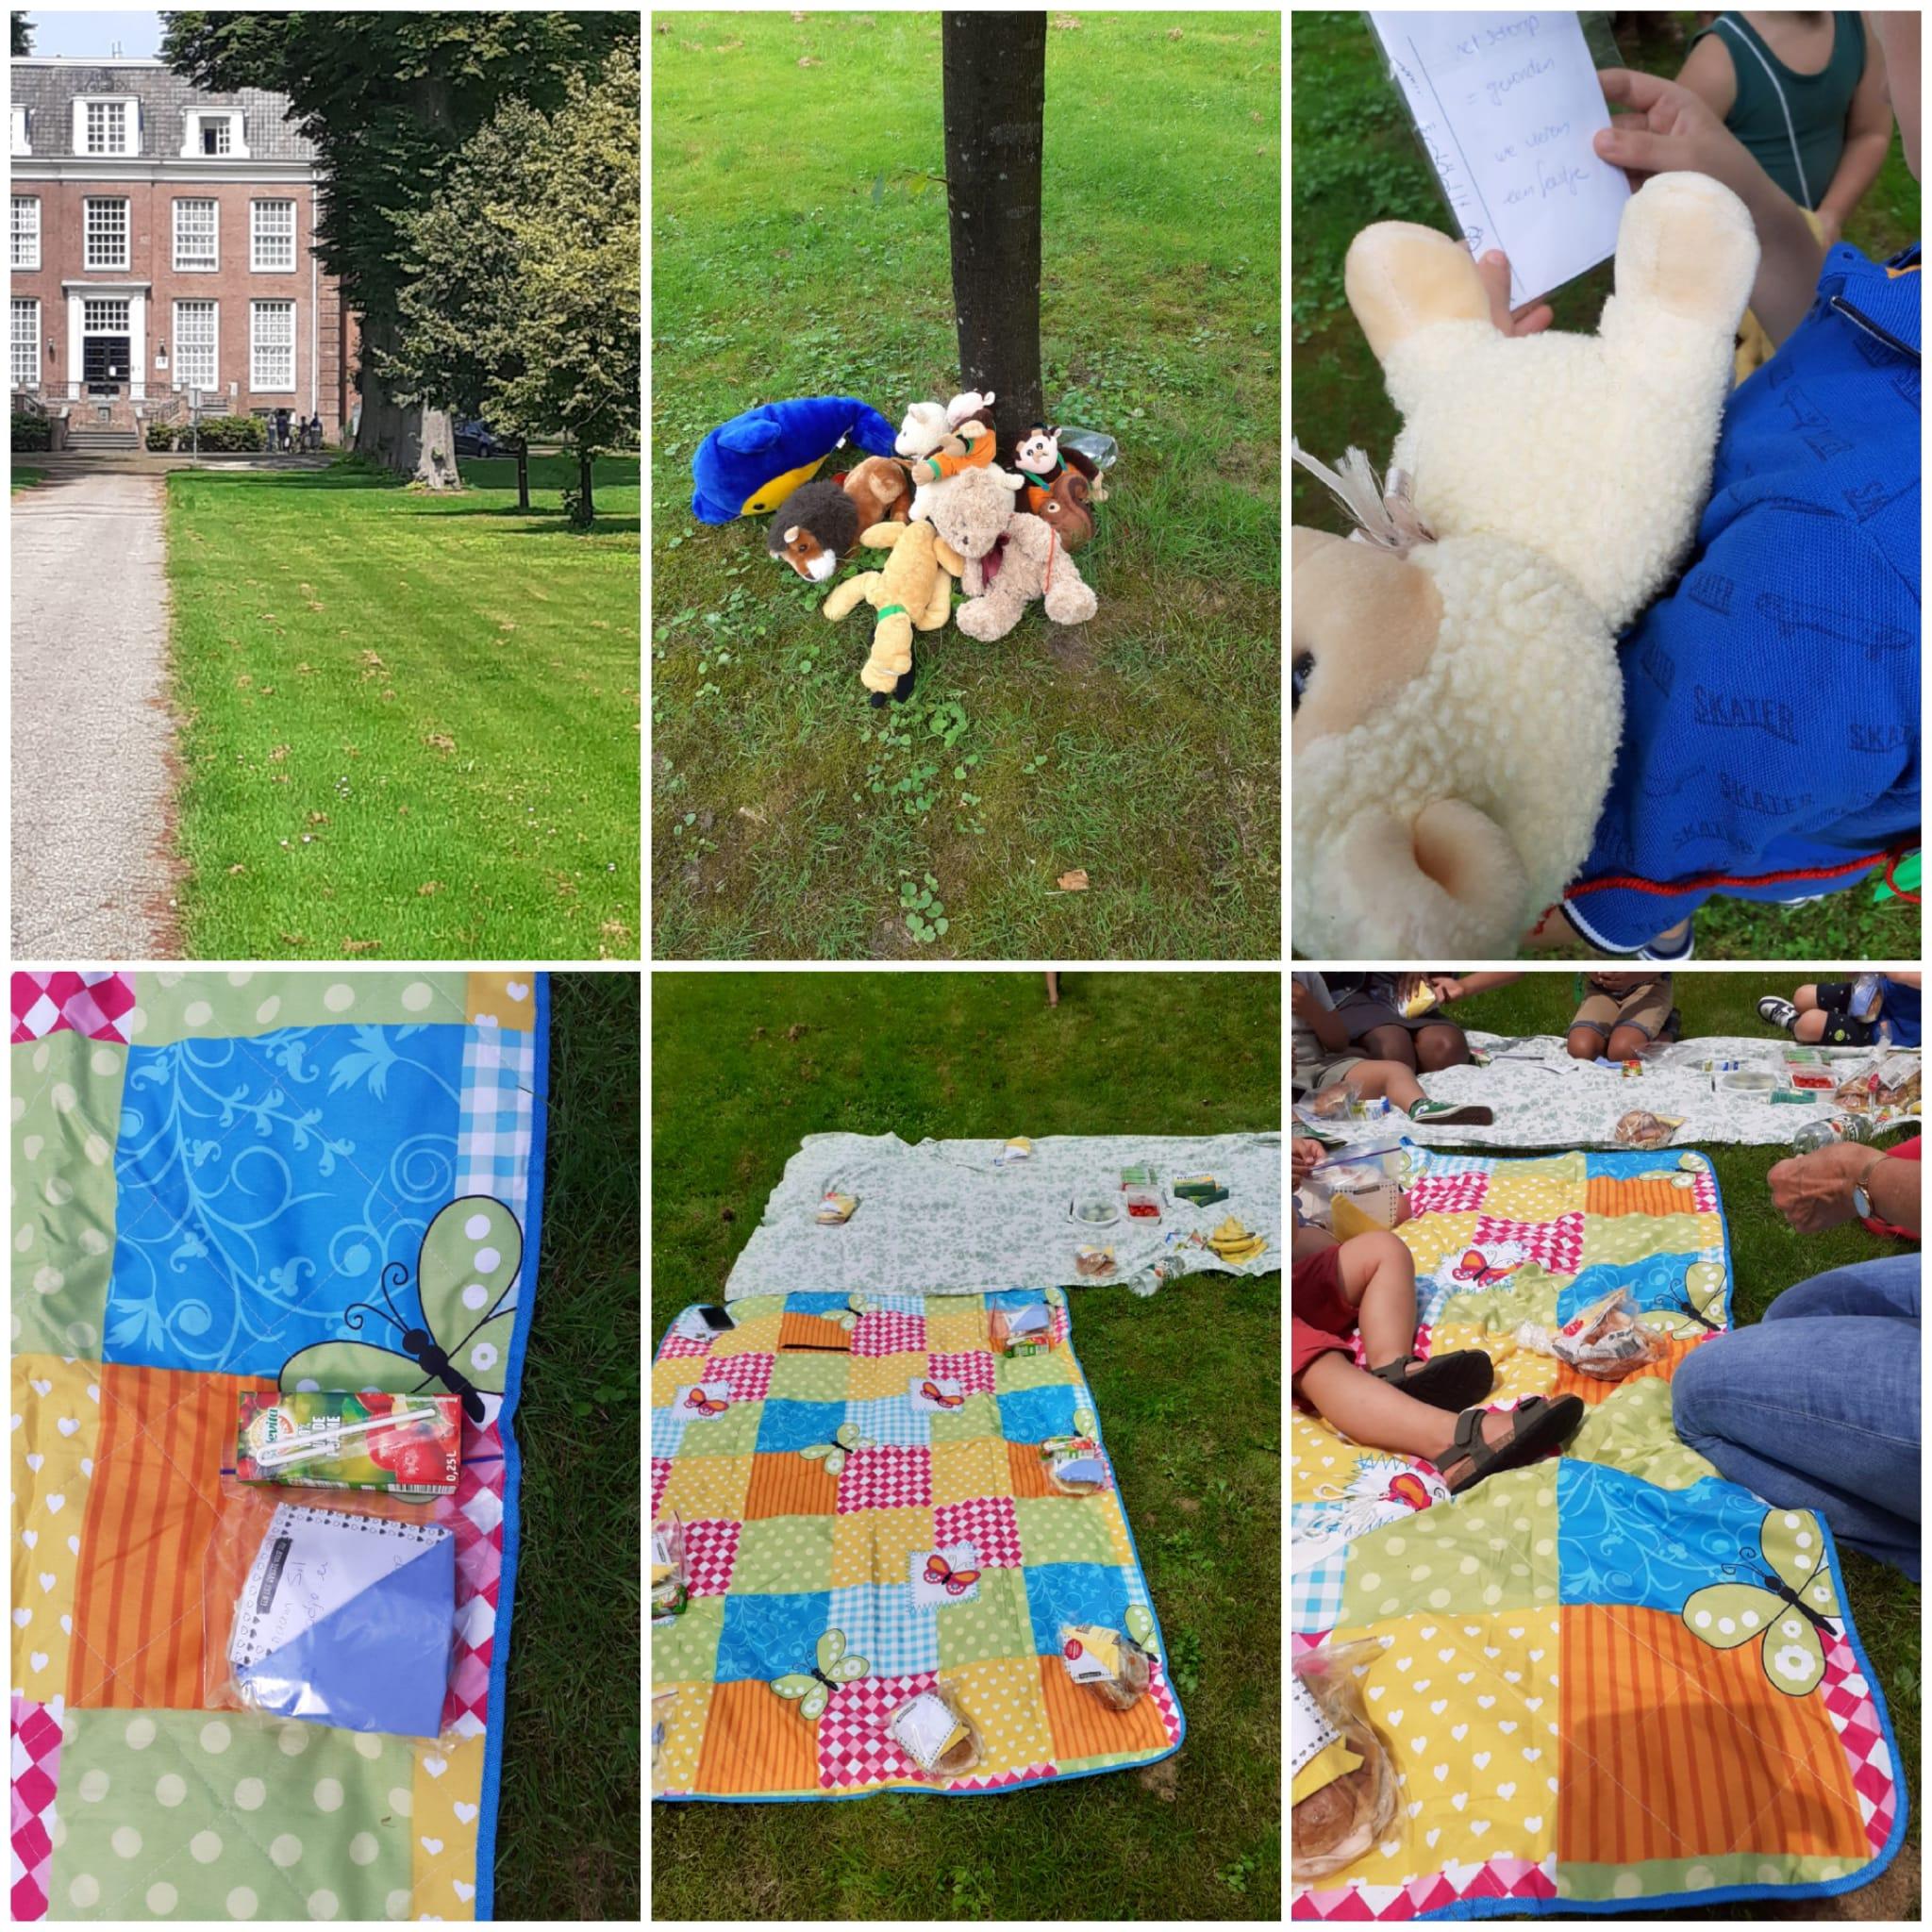 speurtocht en picknick